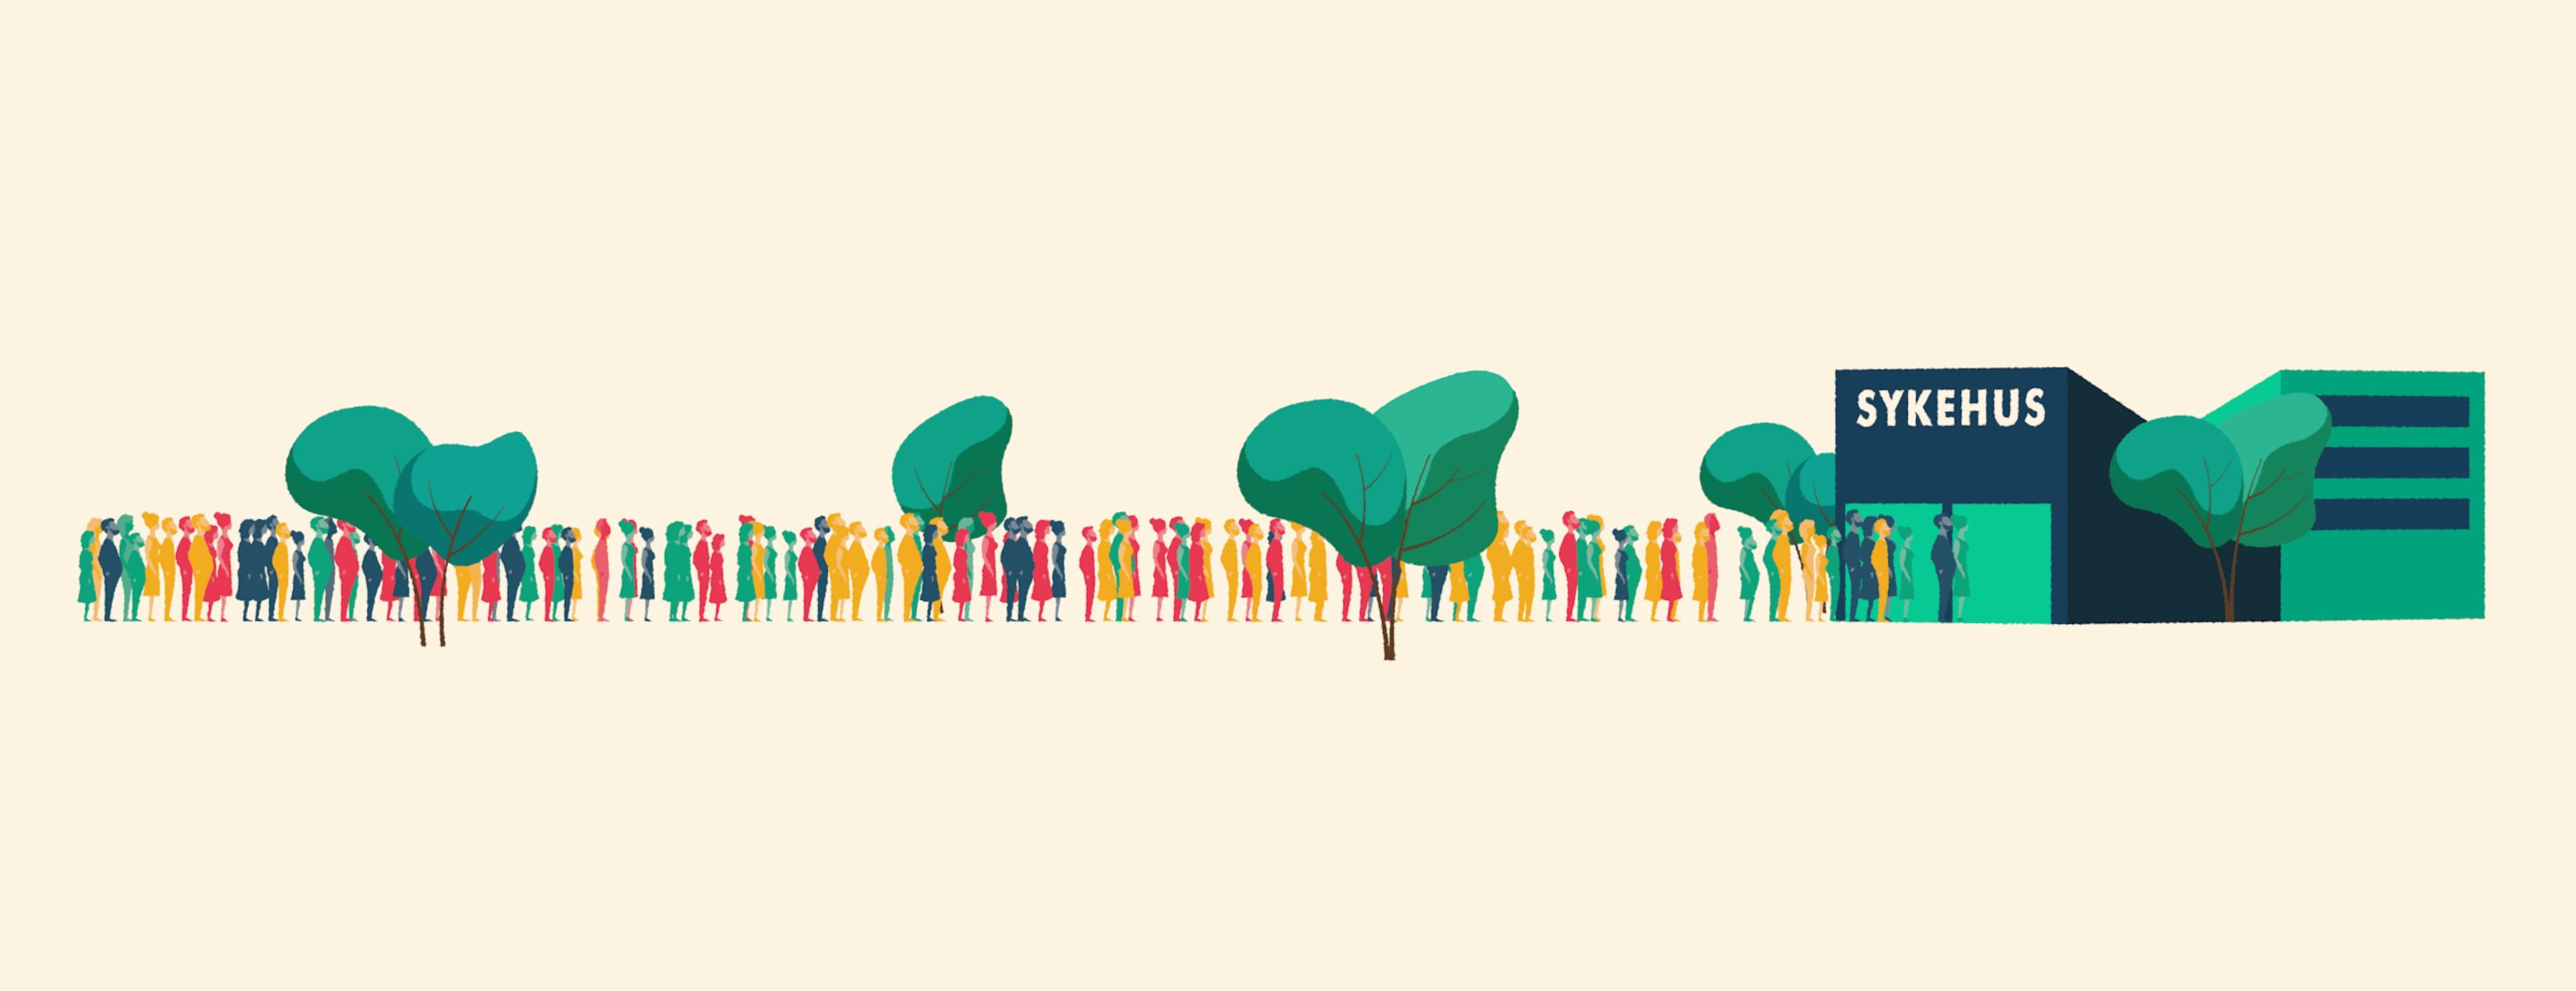 Illustrasjon av folk i helsekø